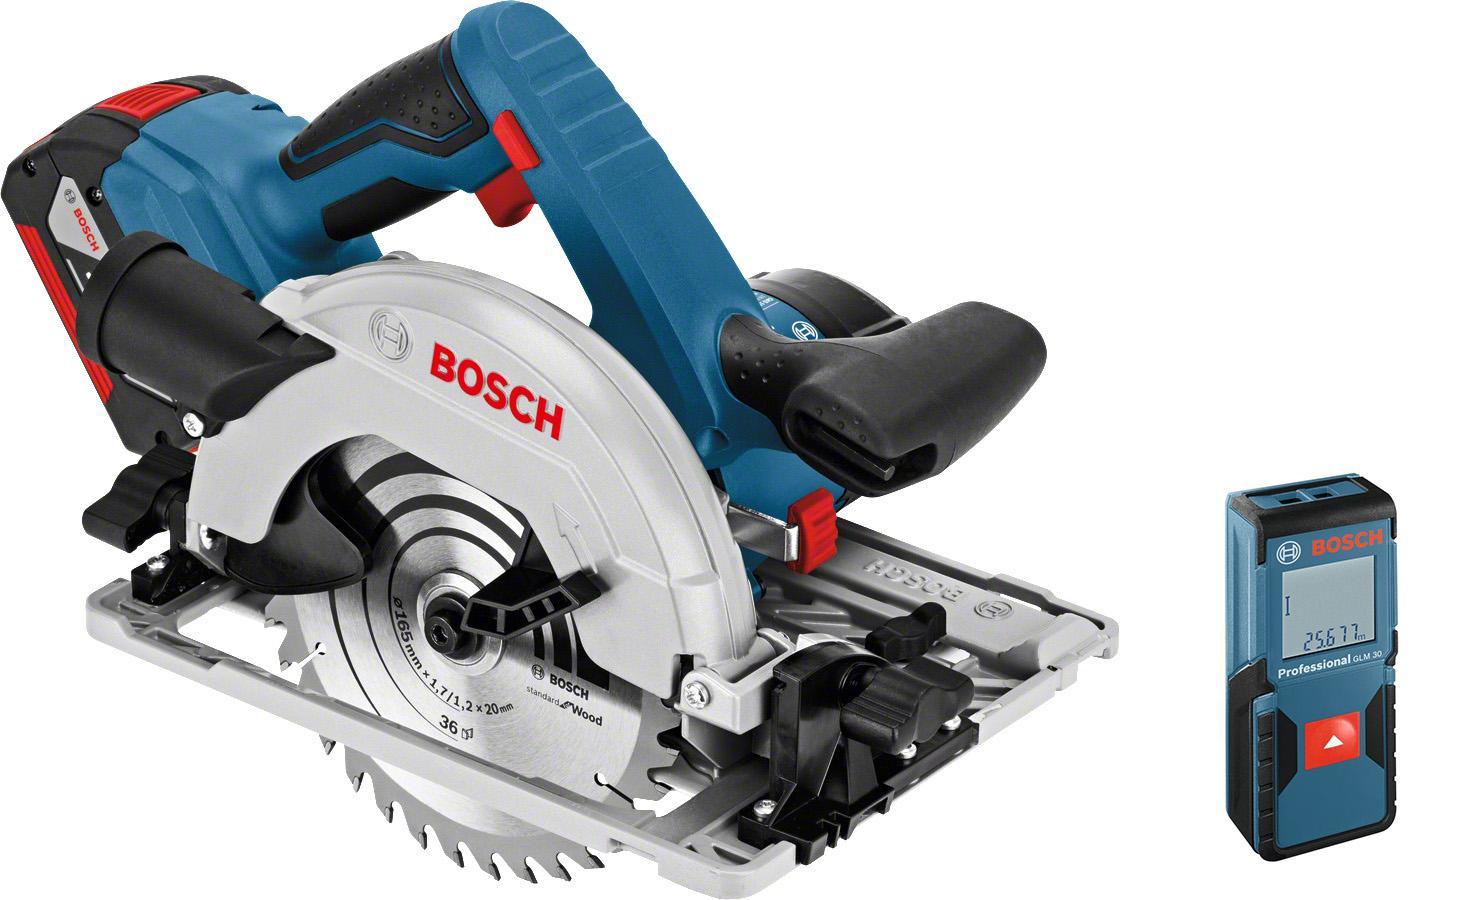 Набор Bosch Пила циркулярная gks 18 v-li r l-boxx (0.601.6a2.100) +Дальномер glm 30 (0.601.072.500)